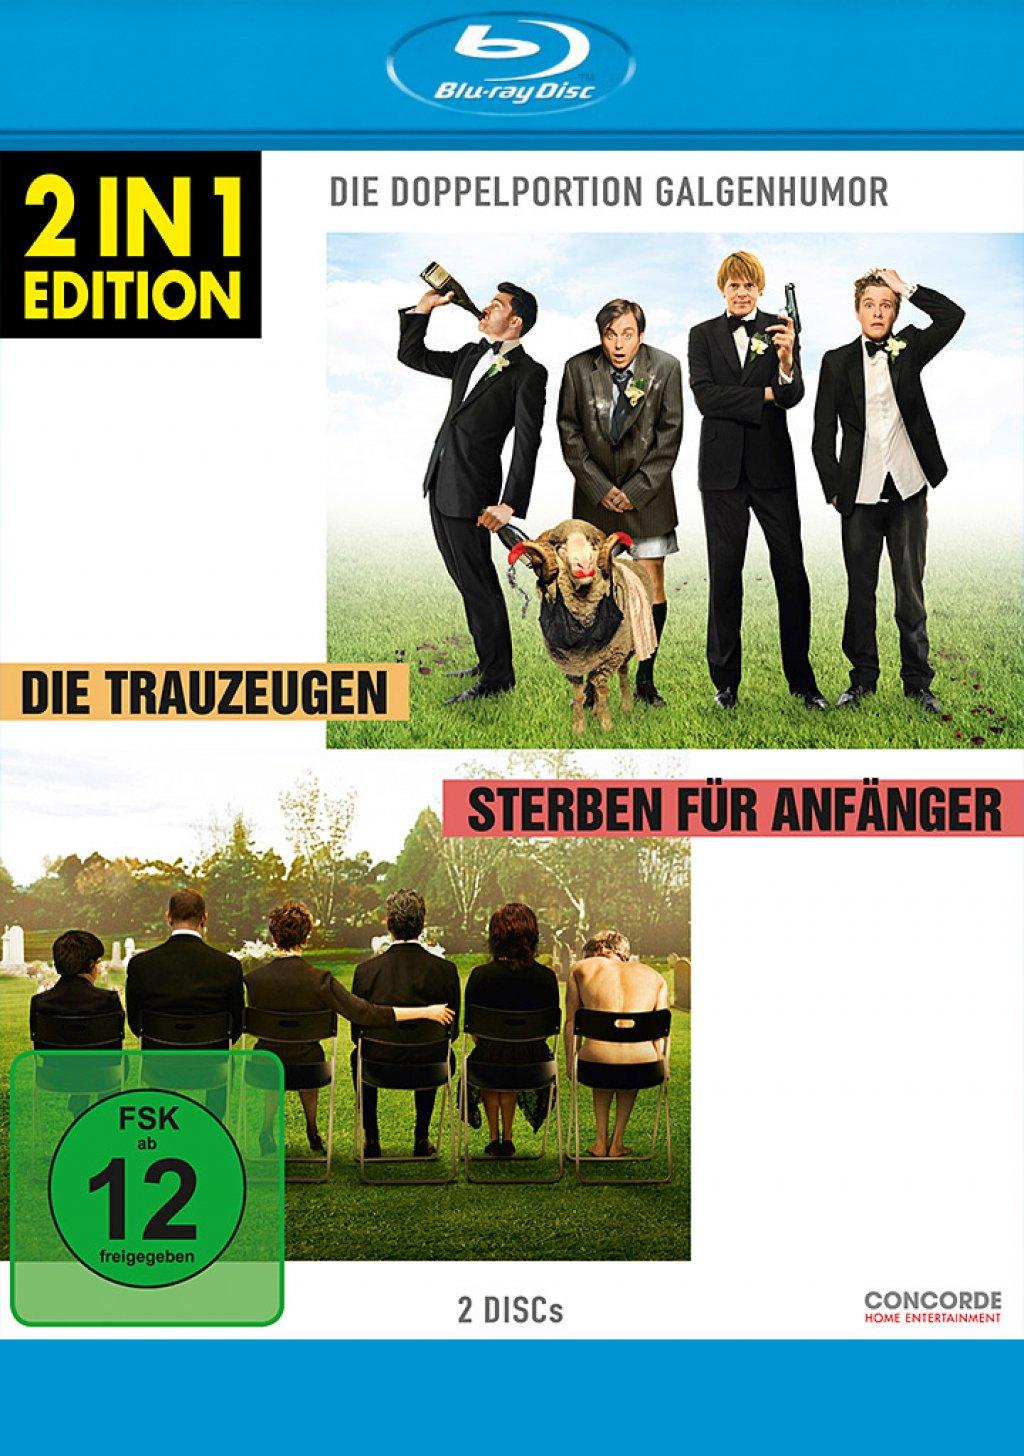 Die Trauzeugen & Sterben für Anfänger - 2 in 1 Edition (Blu-ray)